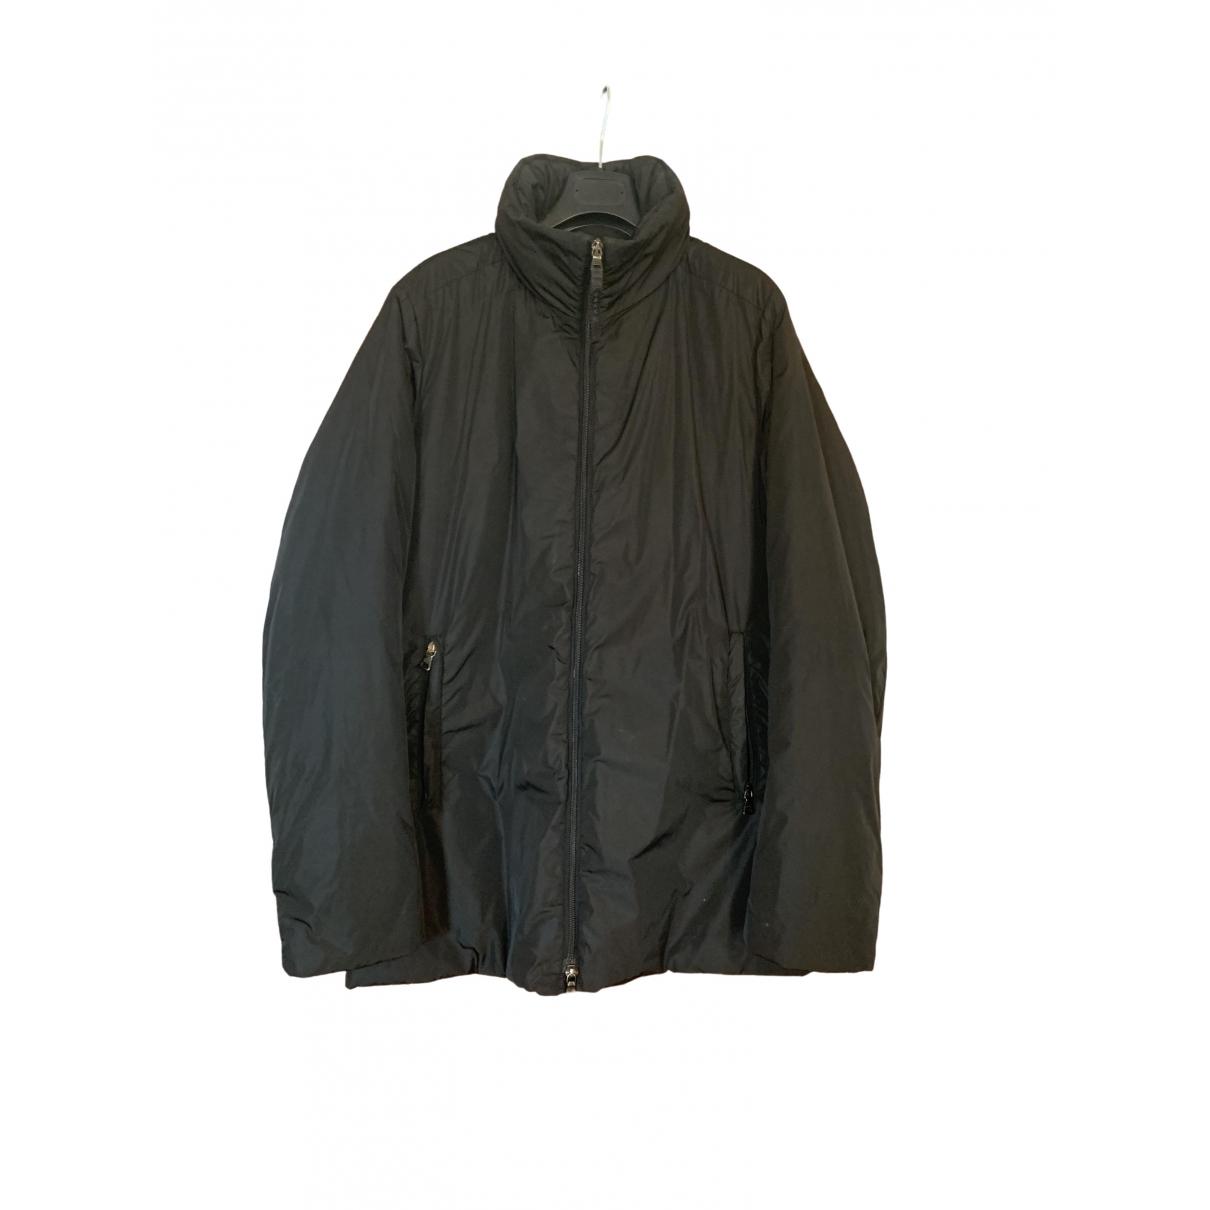 Prada - Manteau   pour homme - noir